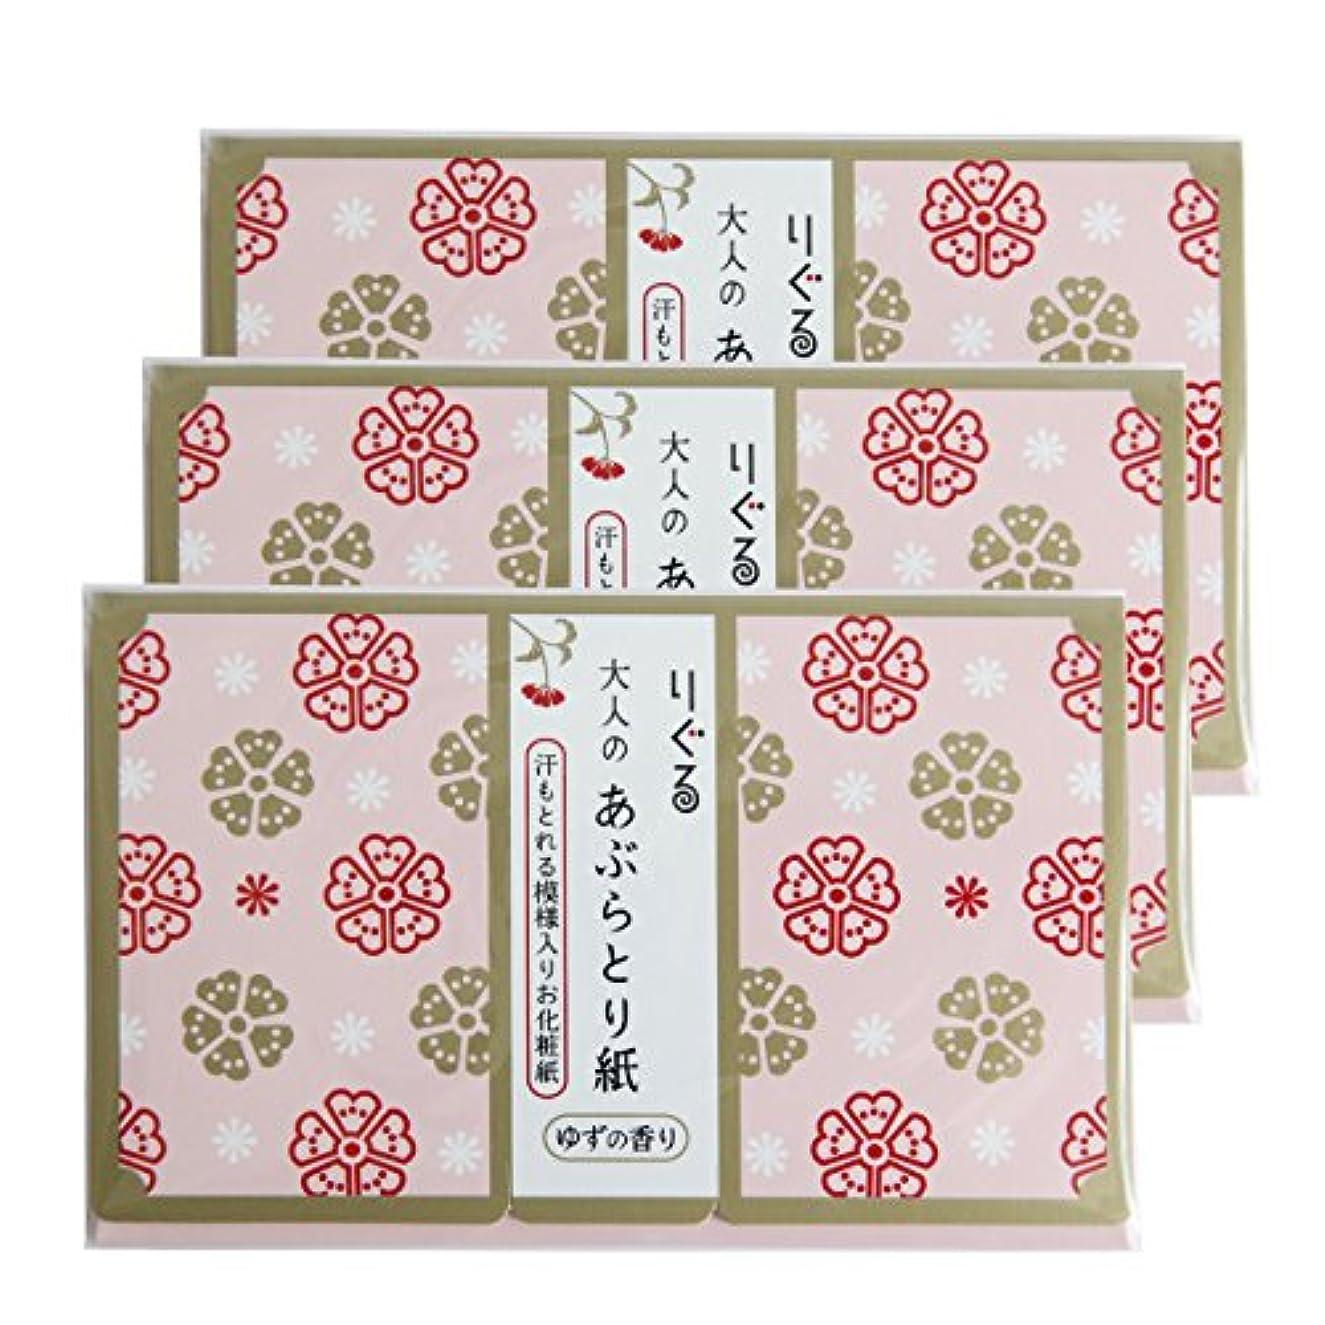 栄光メロドラマ出力りぐる 大人のあぶらとり紙 使うたびにうれしくなる ちょっと贅沢な高知県産ゆずの香りのあぶらとり紙 (30枚入り)(3p)